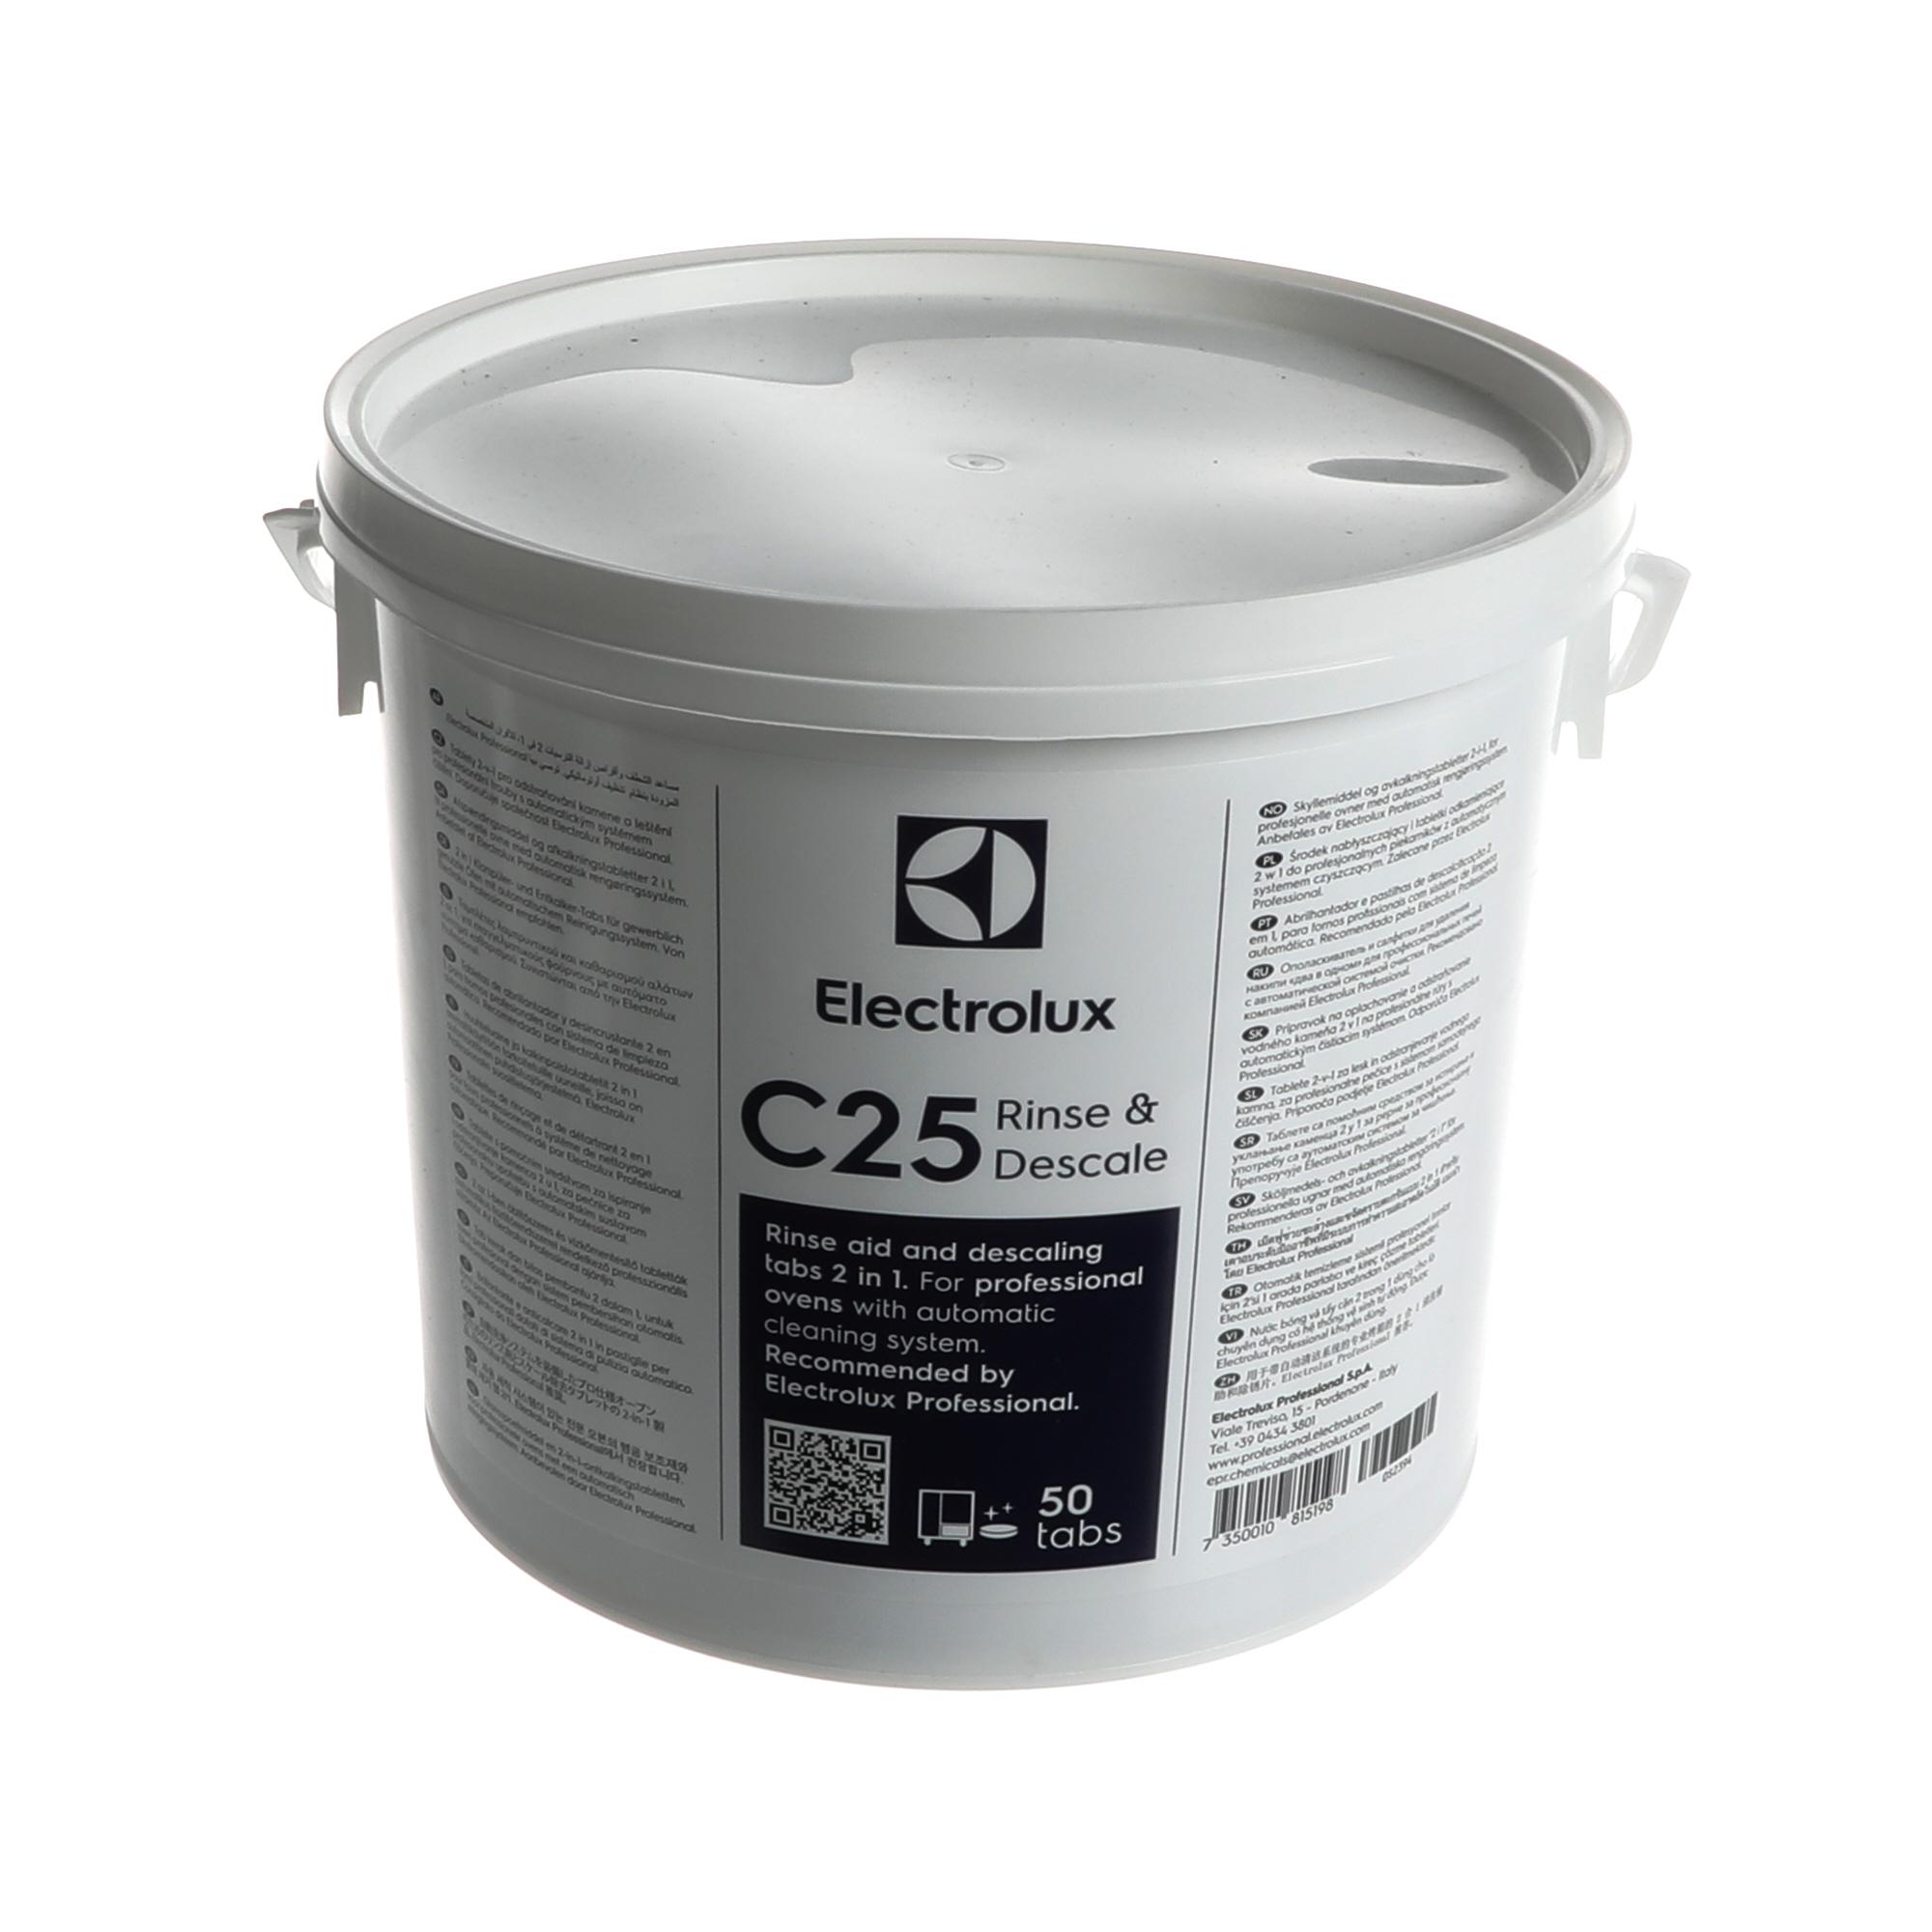 C25 Rinse & Descale tab